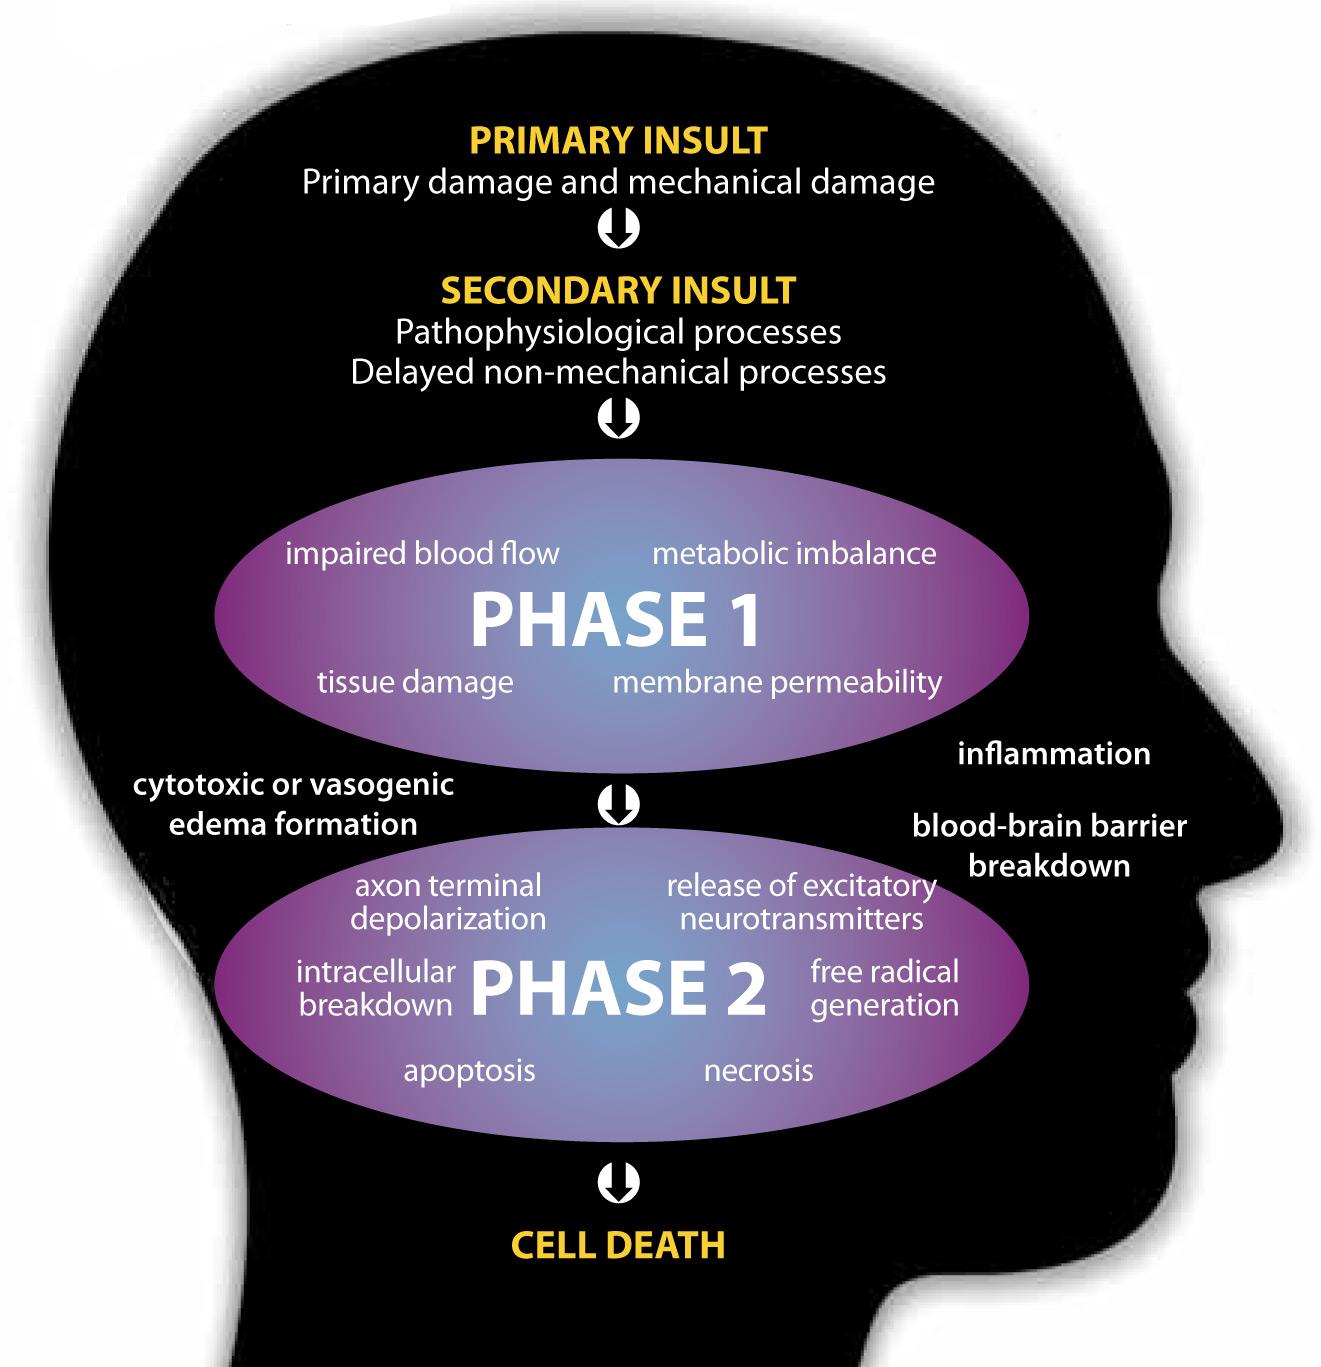 Source: http://www.rainbowrehab.com/neuroplasticity-aquired-brain-injury/